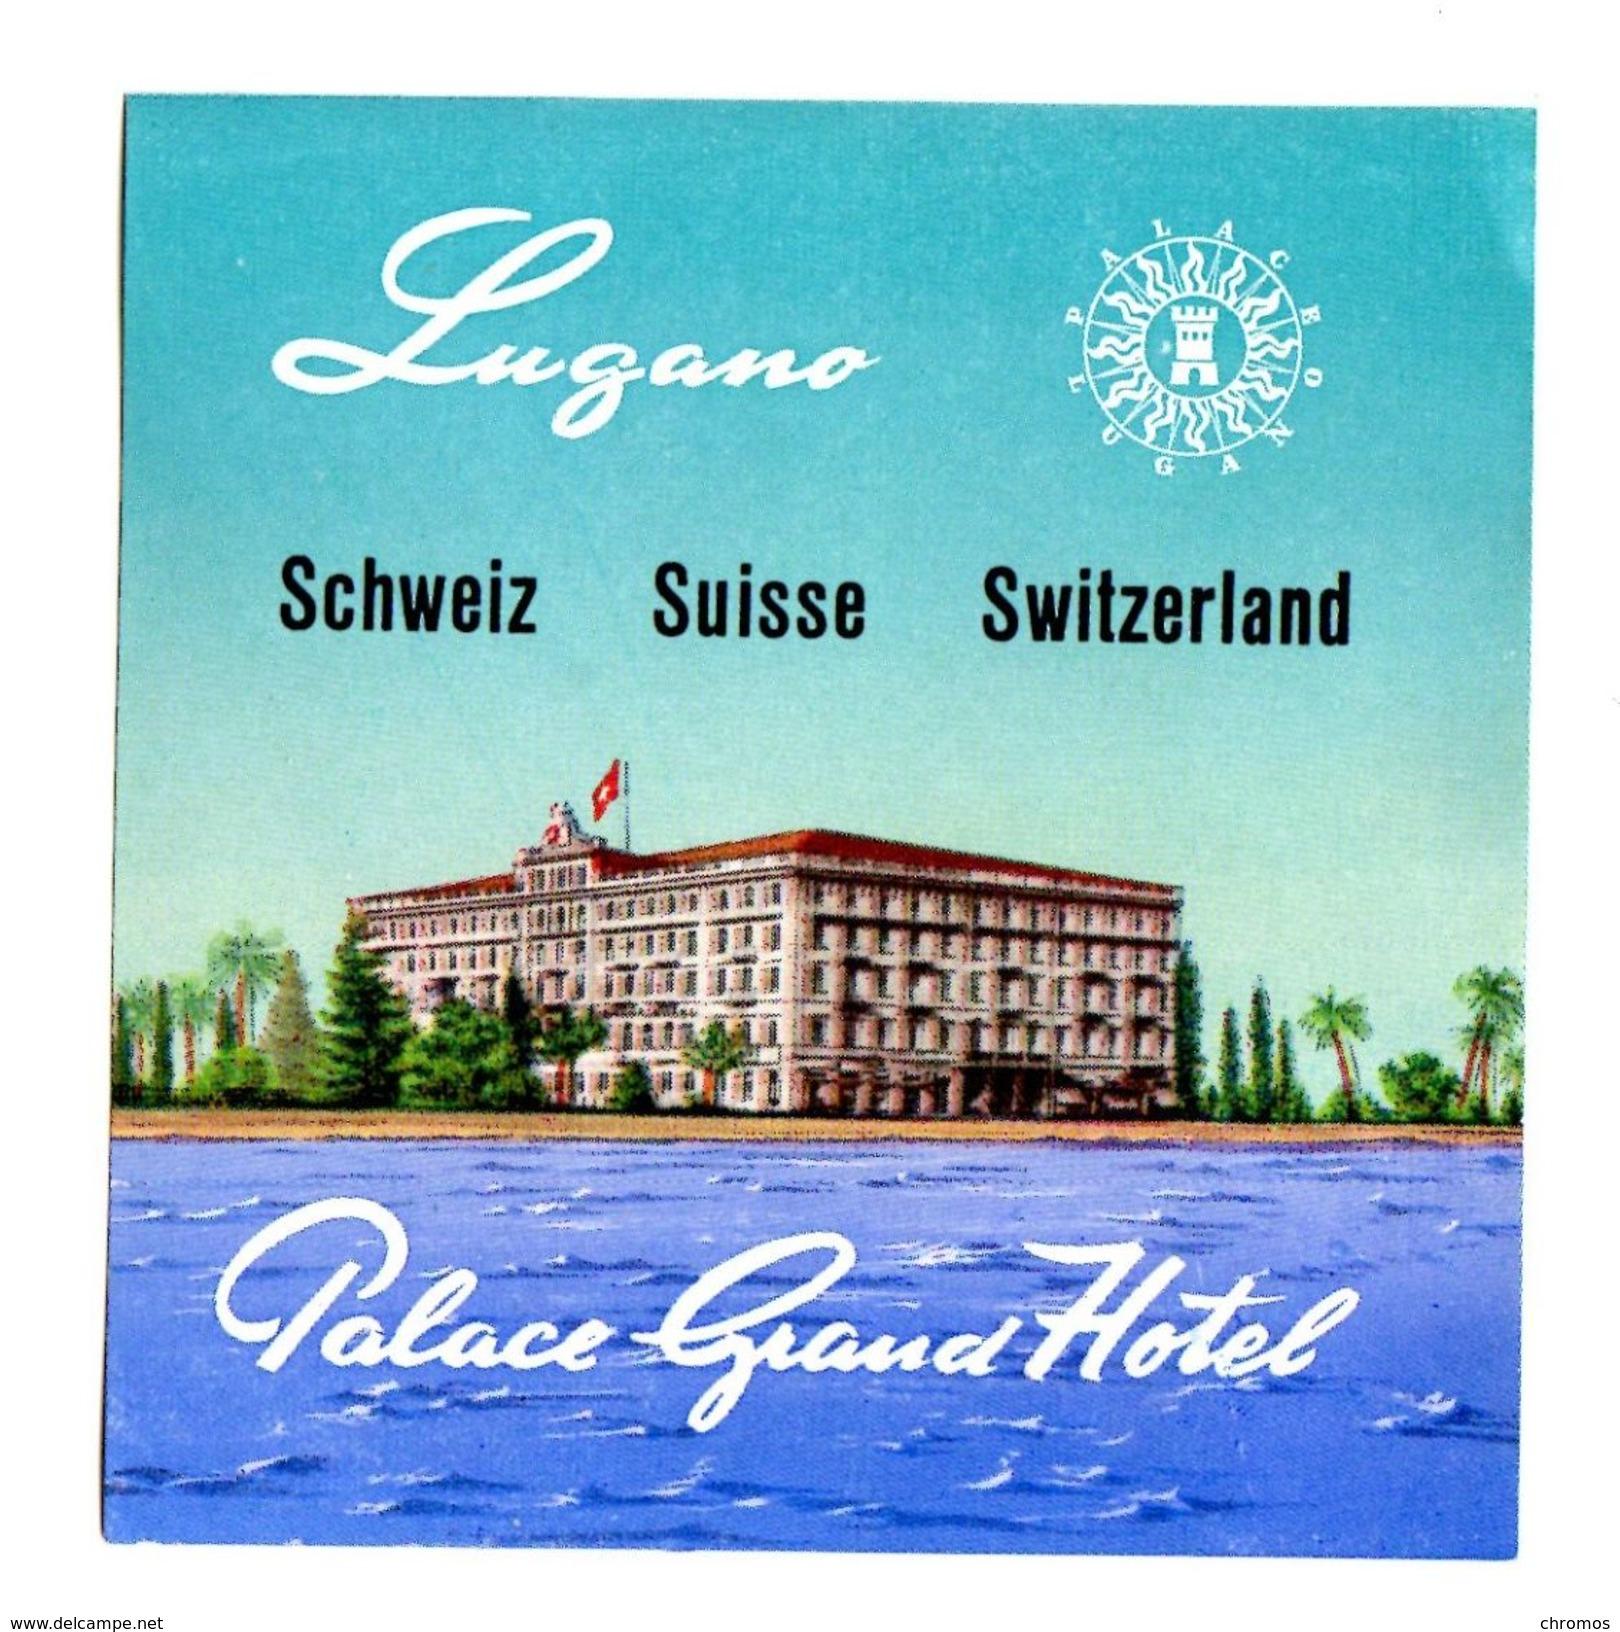 """Etiquette Label Hotel """"Palace Grand Hotel"""", Lugano, Suisse - Etiquetas De Hotel"""